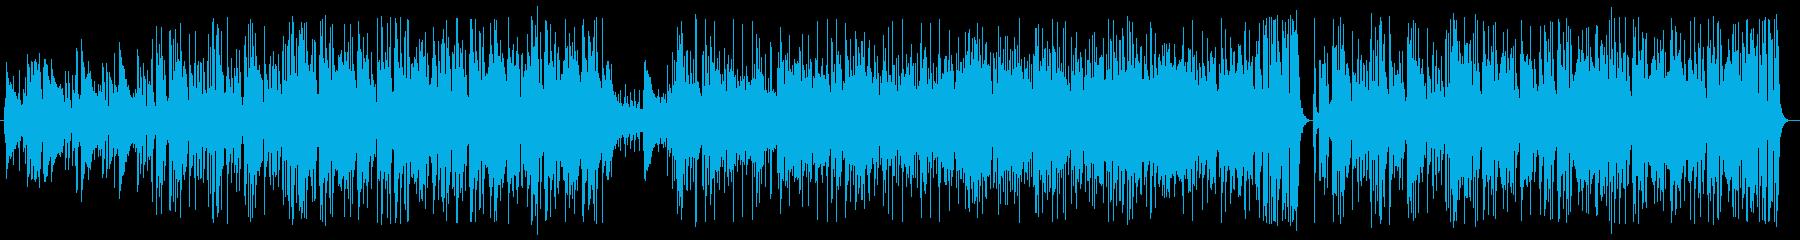 夜景に合いそうなフュージョンの再生済みの波形